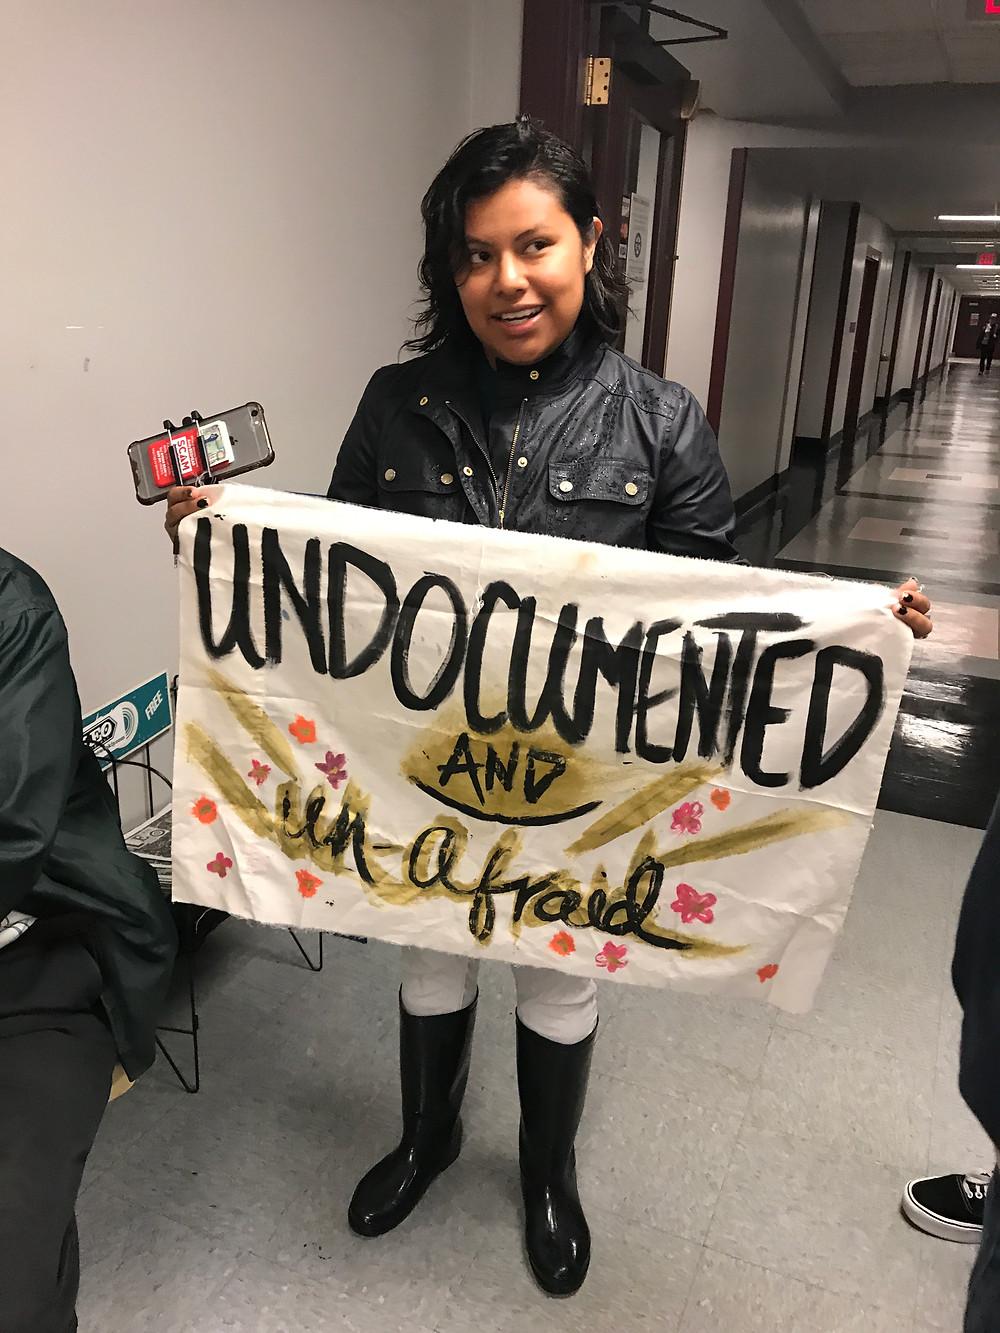 Jessenia Rosalyn Avila llevó una pancarta con la frase Indocumentada y sin asustarme a la oficina de Mitch McConnell.